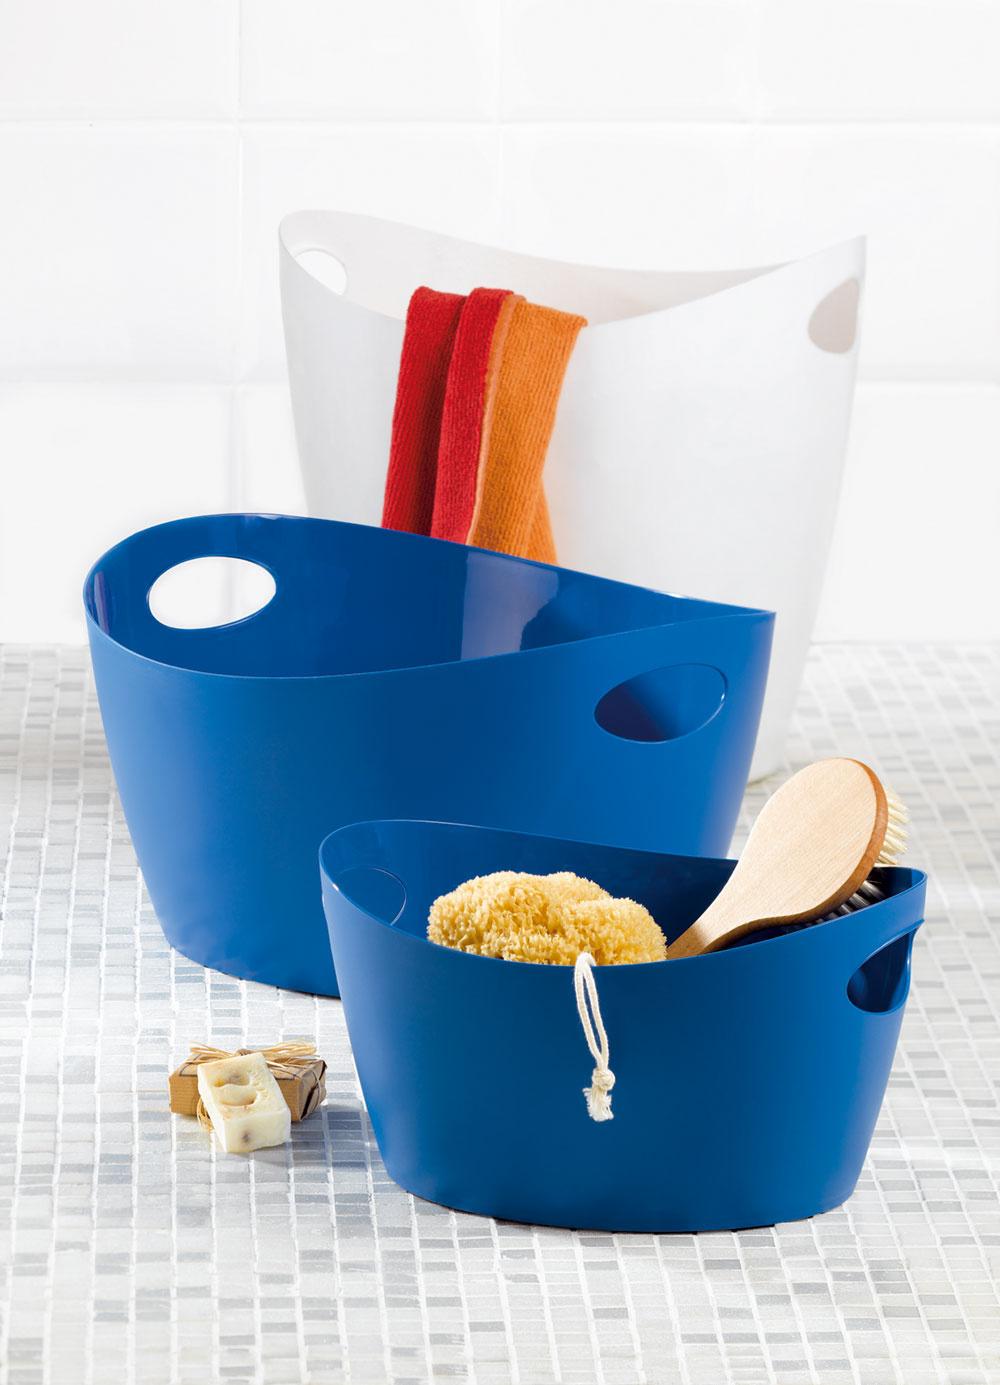 Pri návrhu veľmi premyslené, aby tvar pôsobil celkom samozrejme: plastové nádoby značky Koziol.